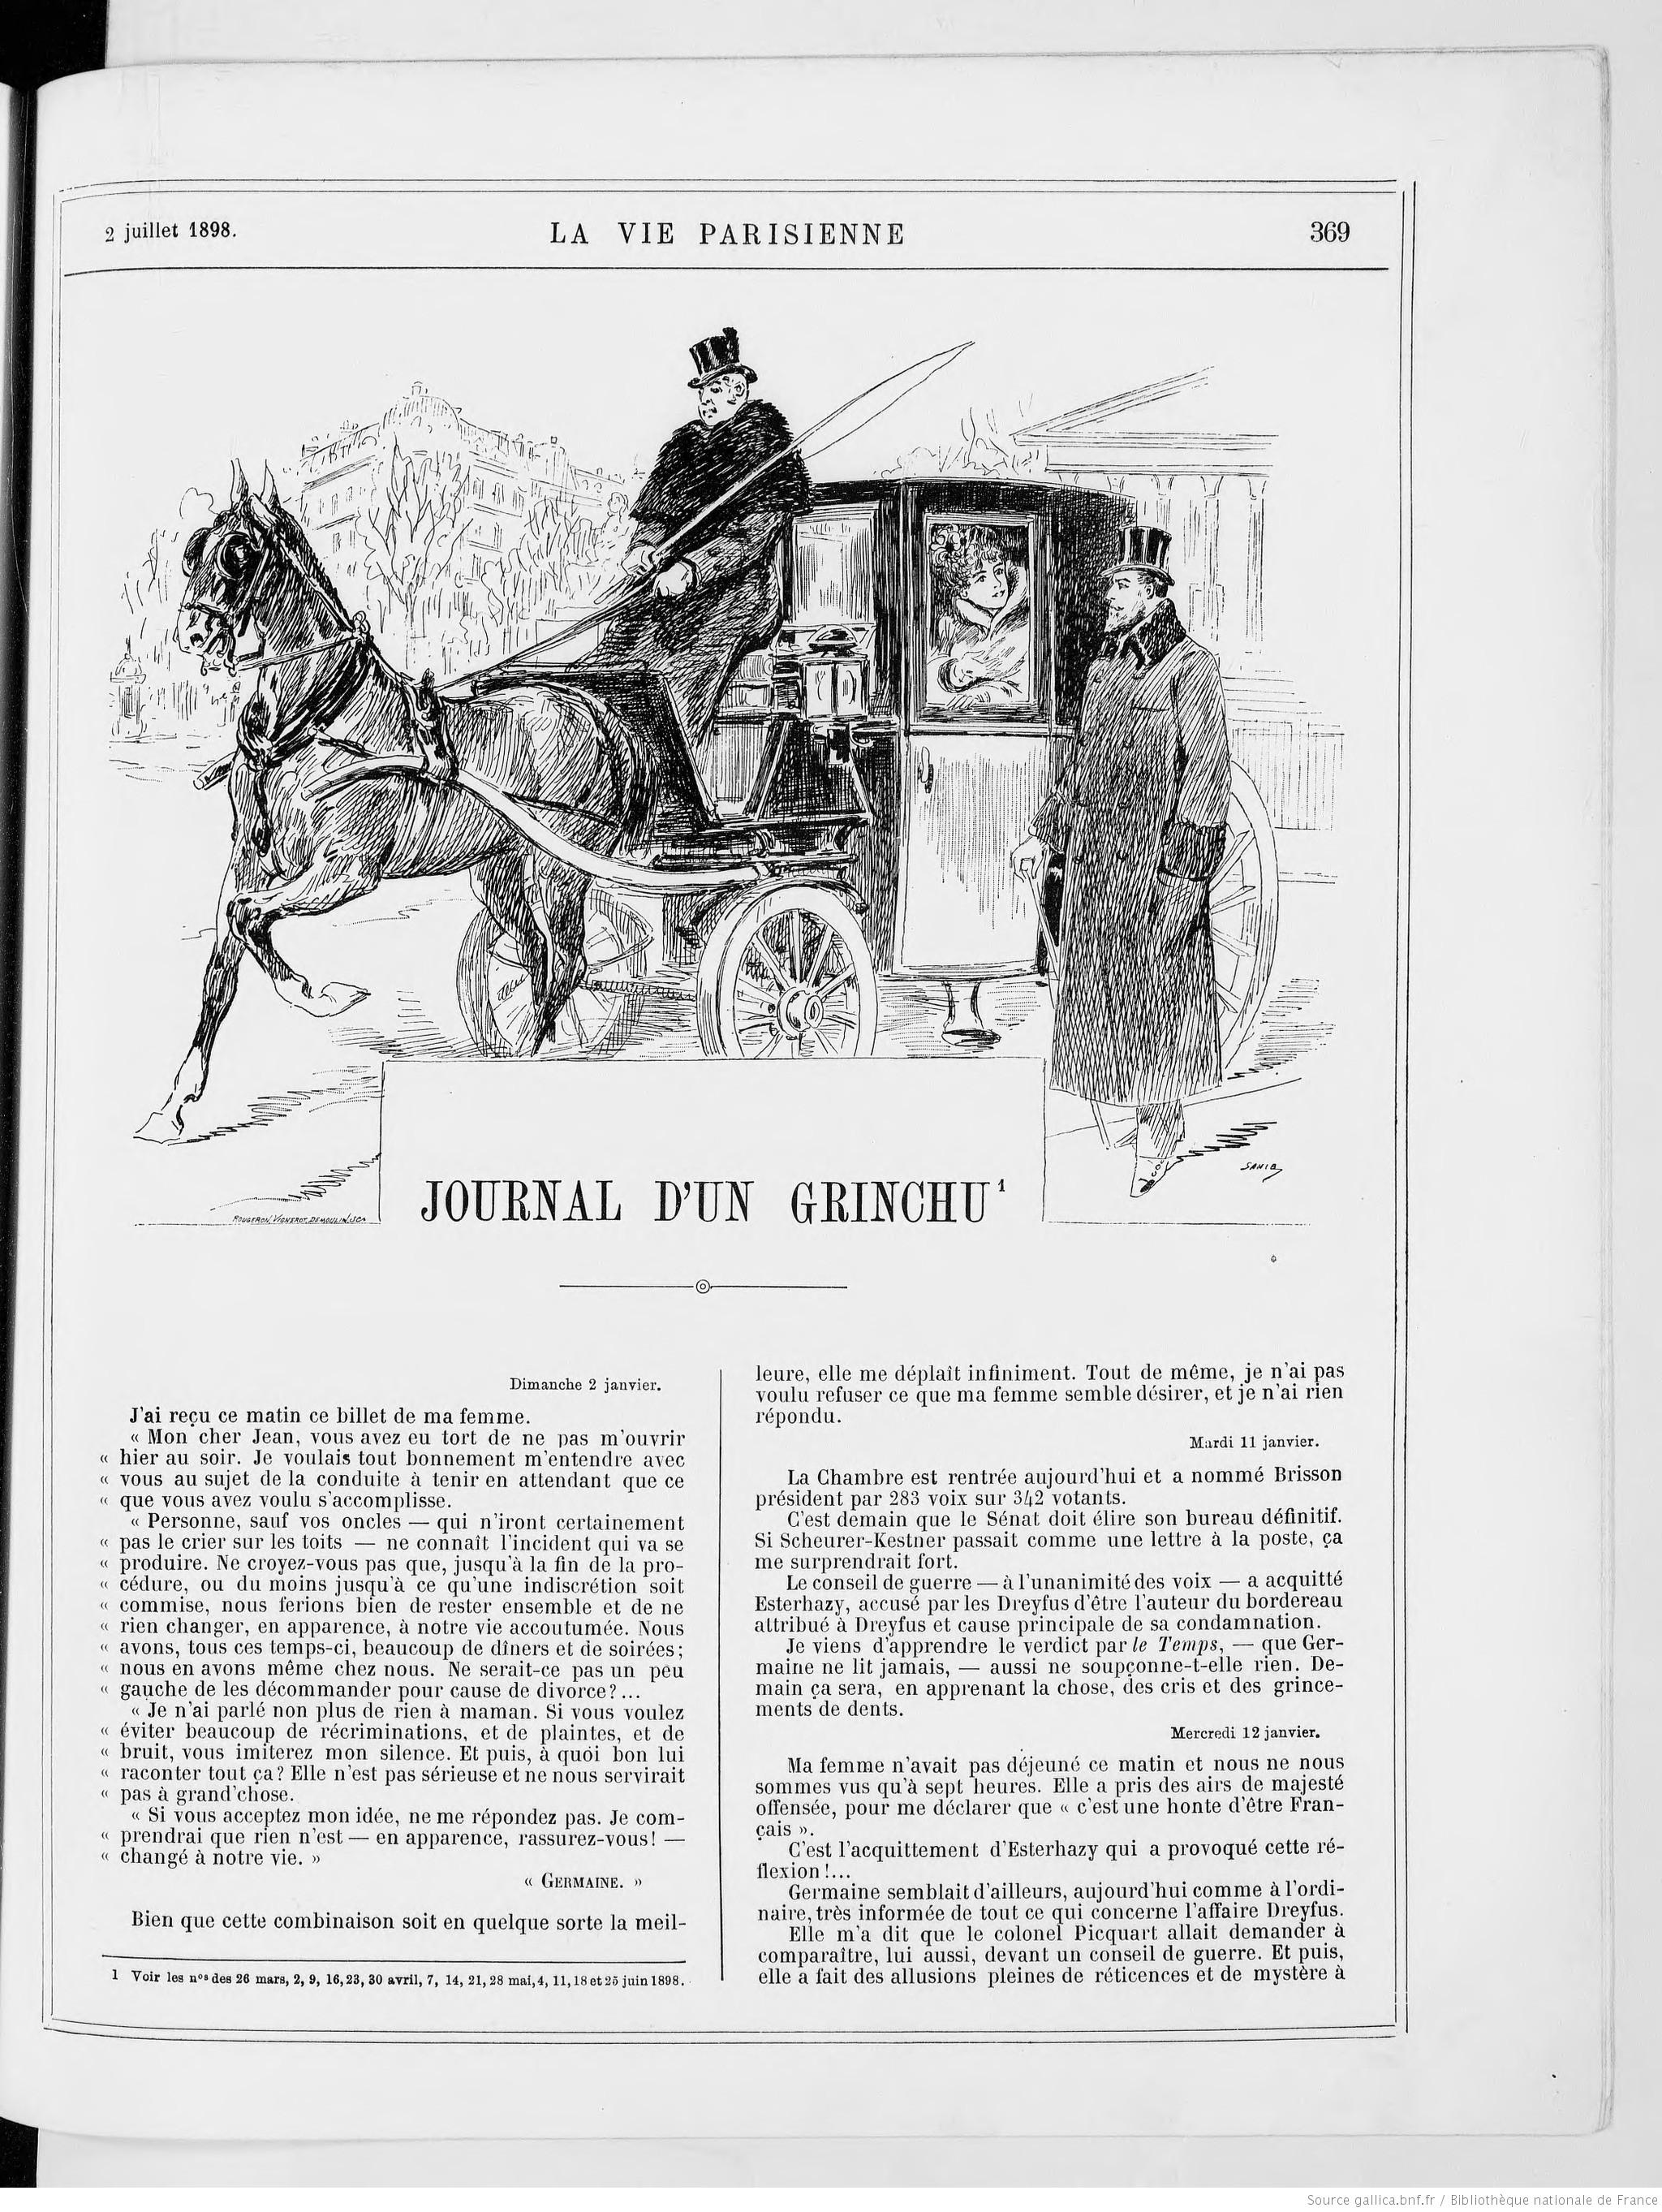 Contenu du La vie parisienne, 2 juillet 1898, feuilleton Le journal d'un grinchu